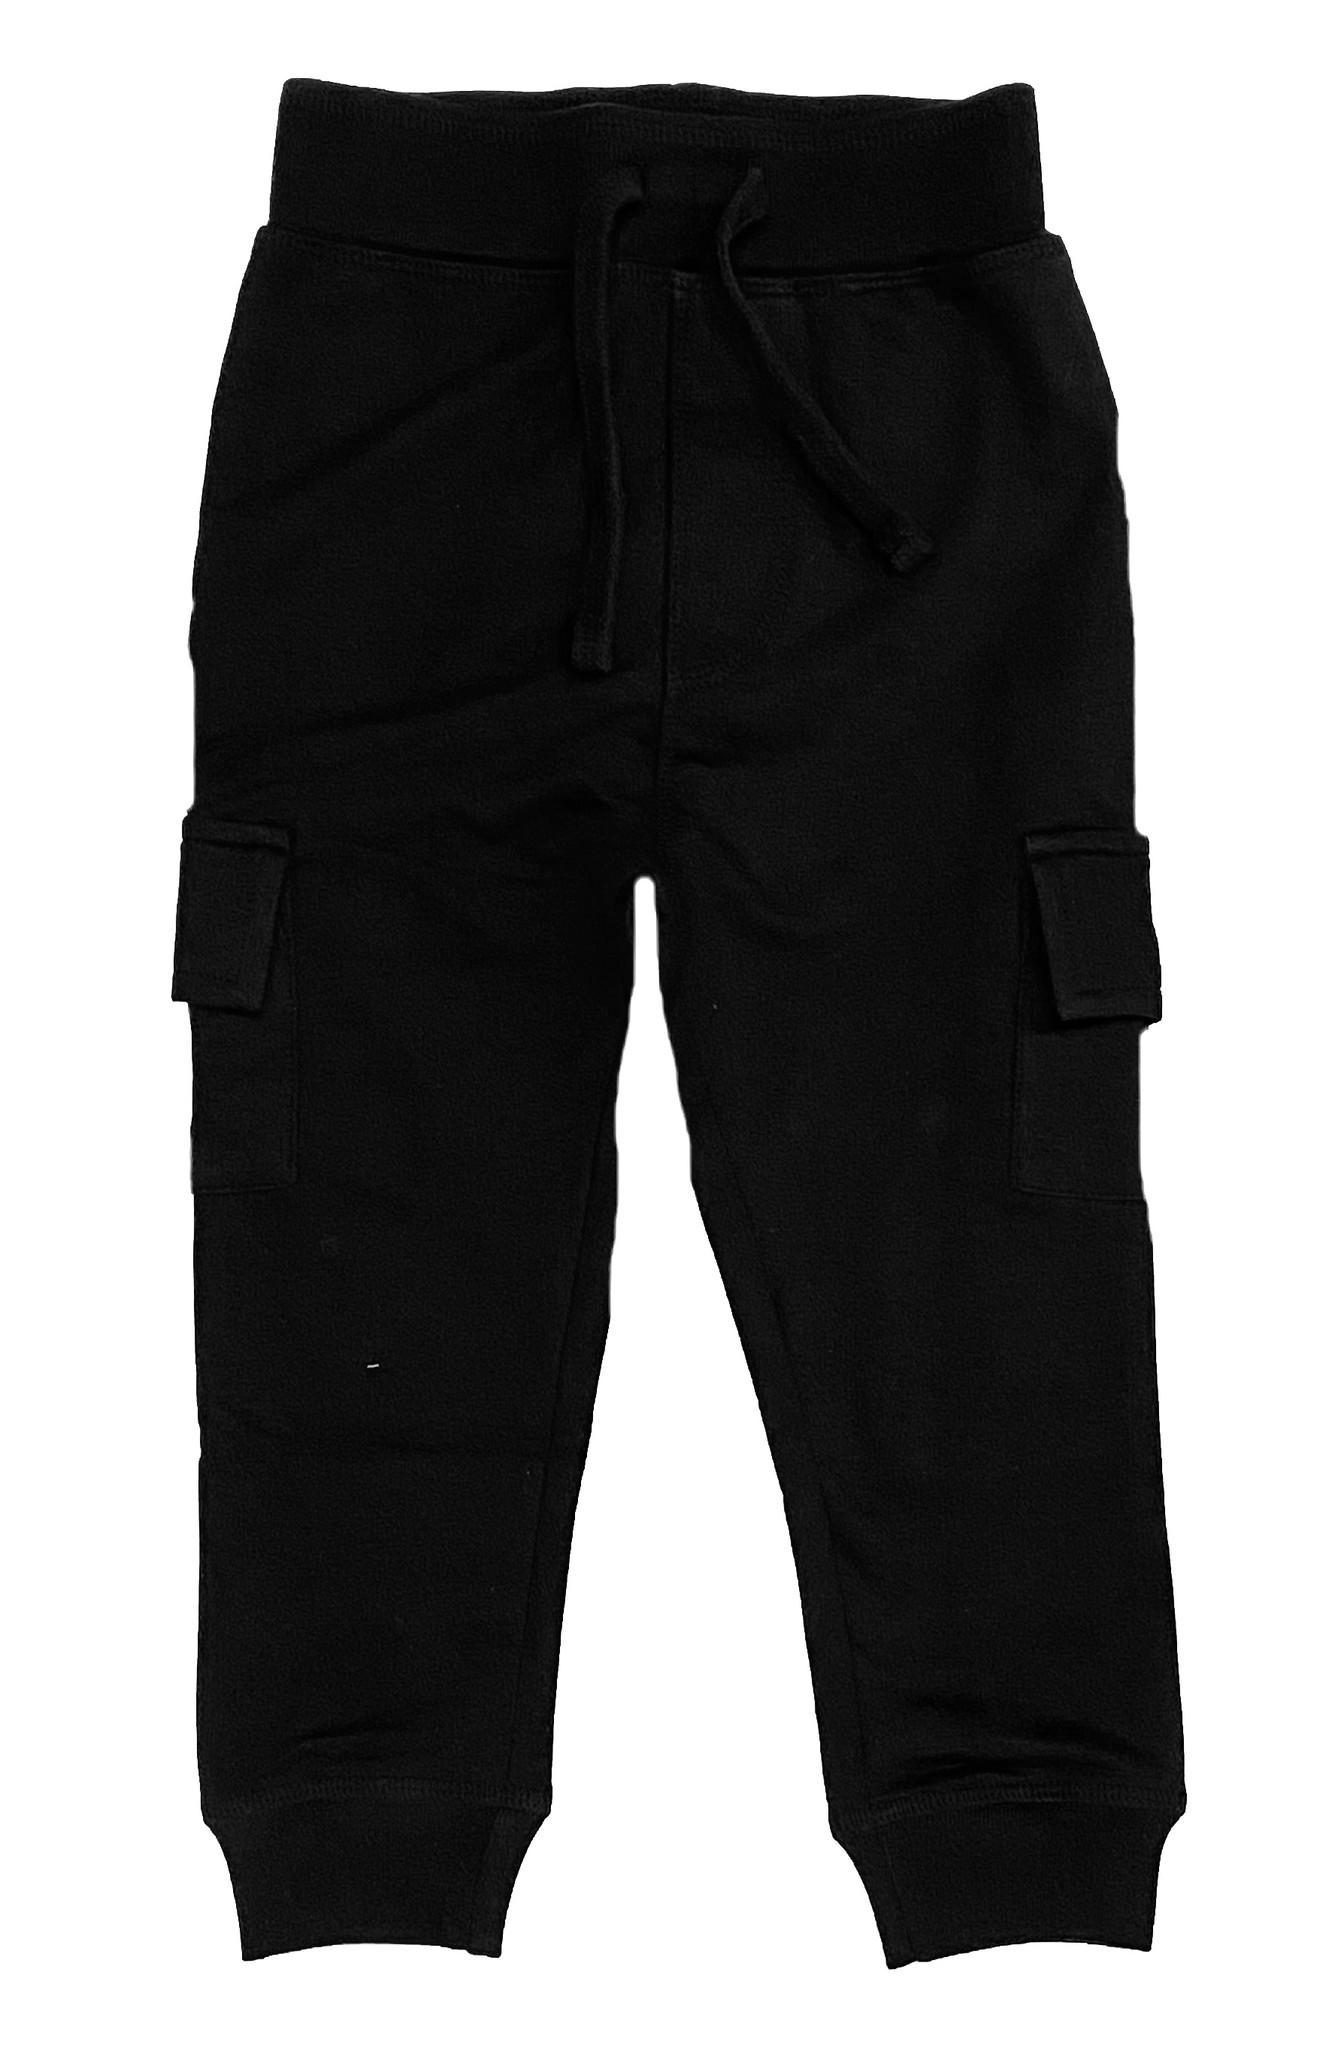 Mish Black Cargo Pocket Infant Jogger Pant